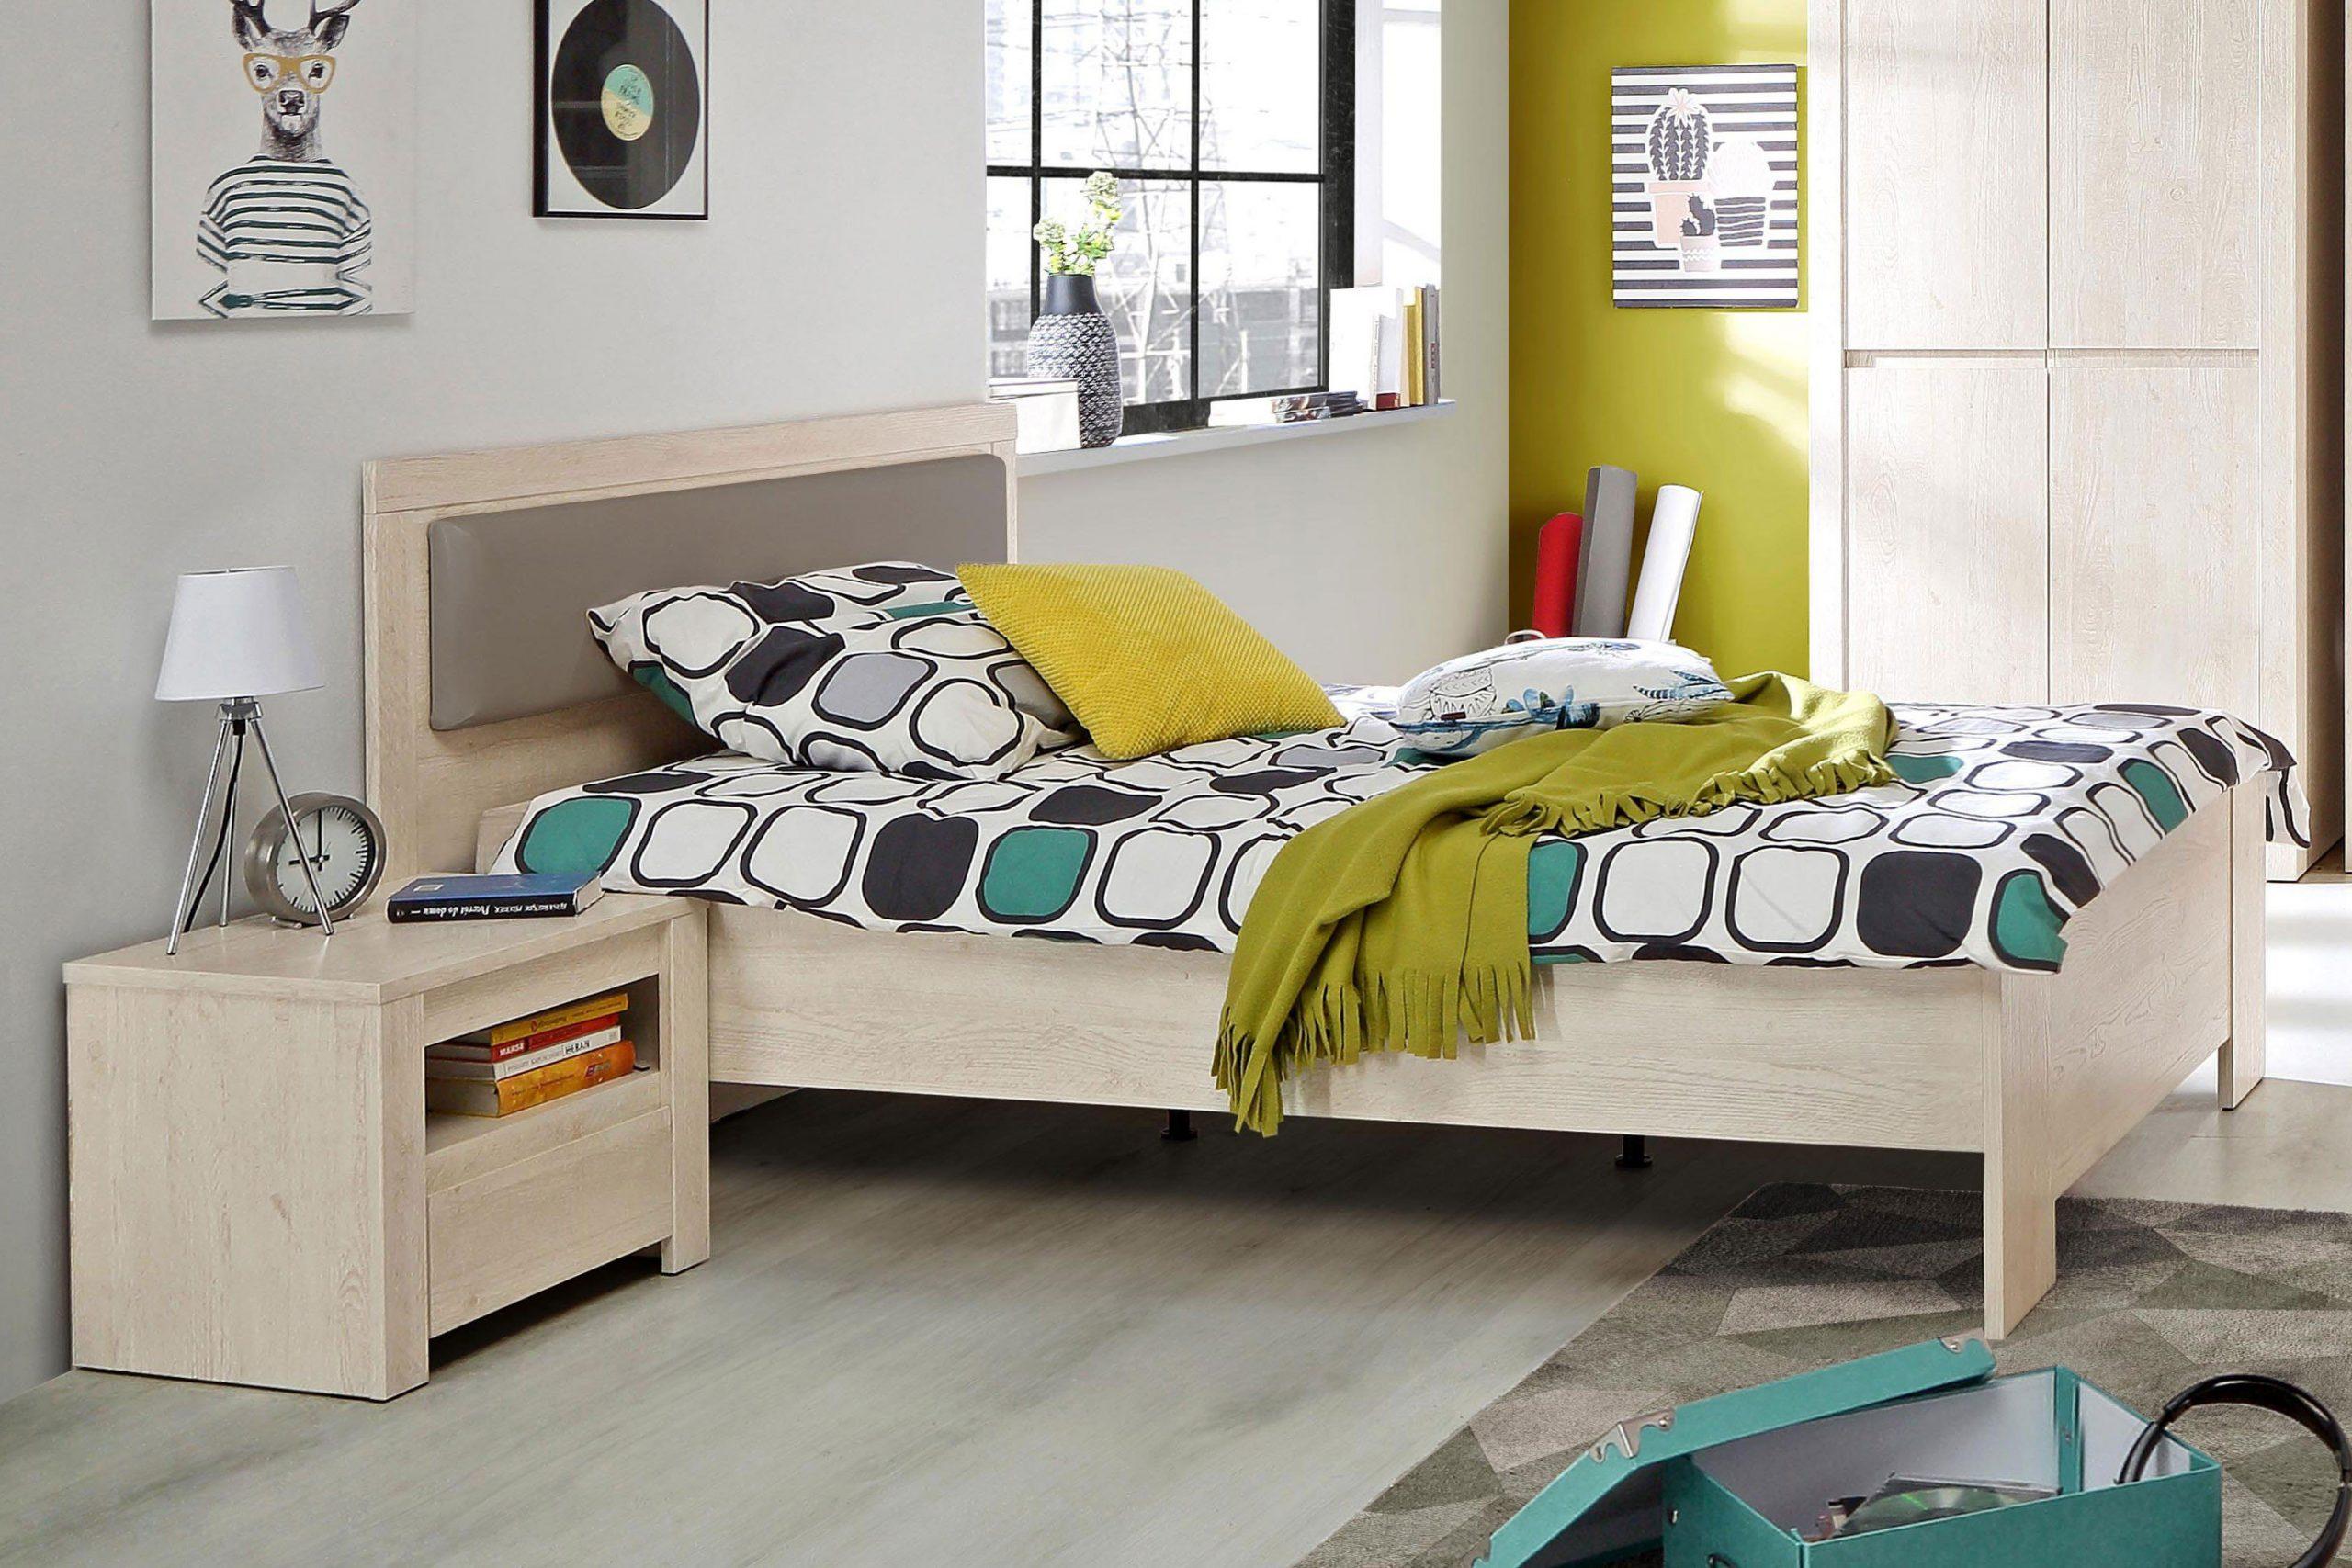 Full Size of Forte Medanos Jugend Bett Pinie Wei Mbel Letz Ihr Online Shop Günstiges Hoch Betten Mit Aufbewahrung 120x200 Holz Aus Inkontinenzeinlagen Bettkasten 1 40 Grau Bett Jugendzimmer Bett